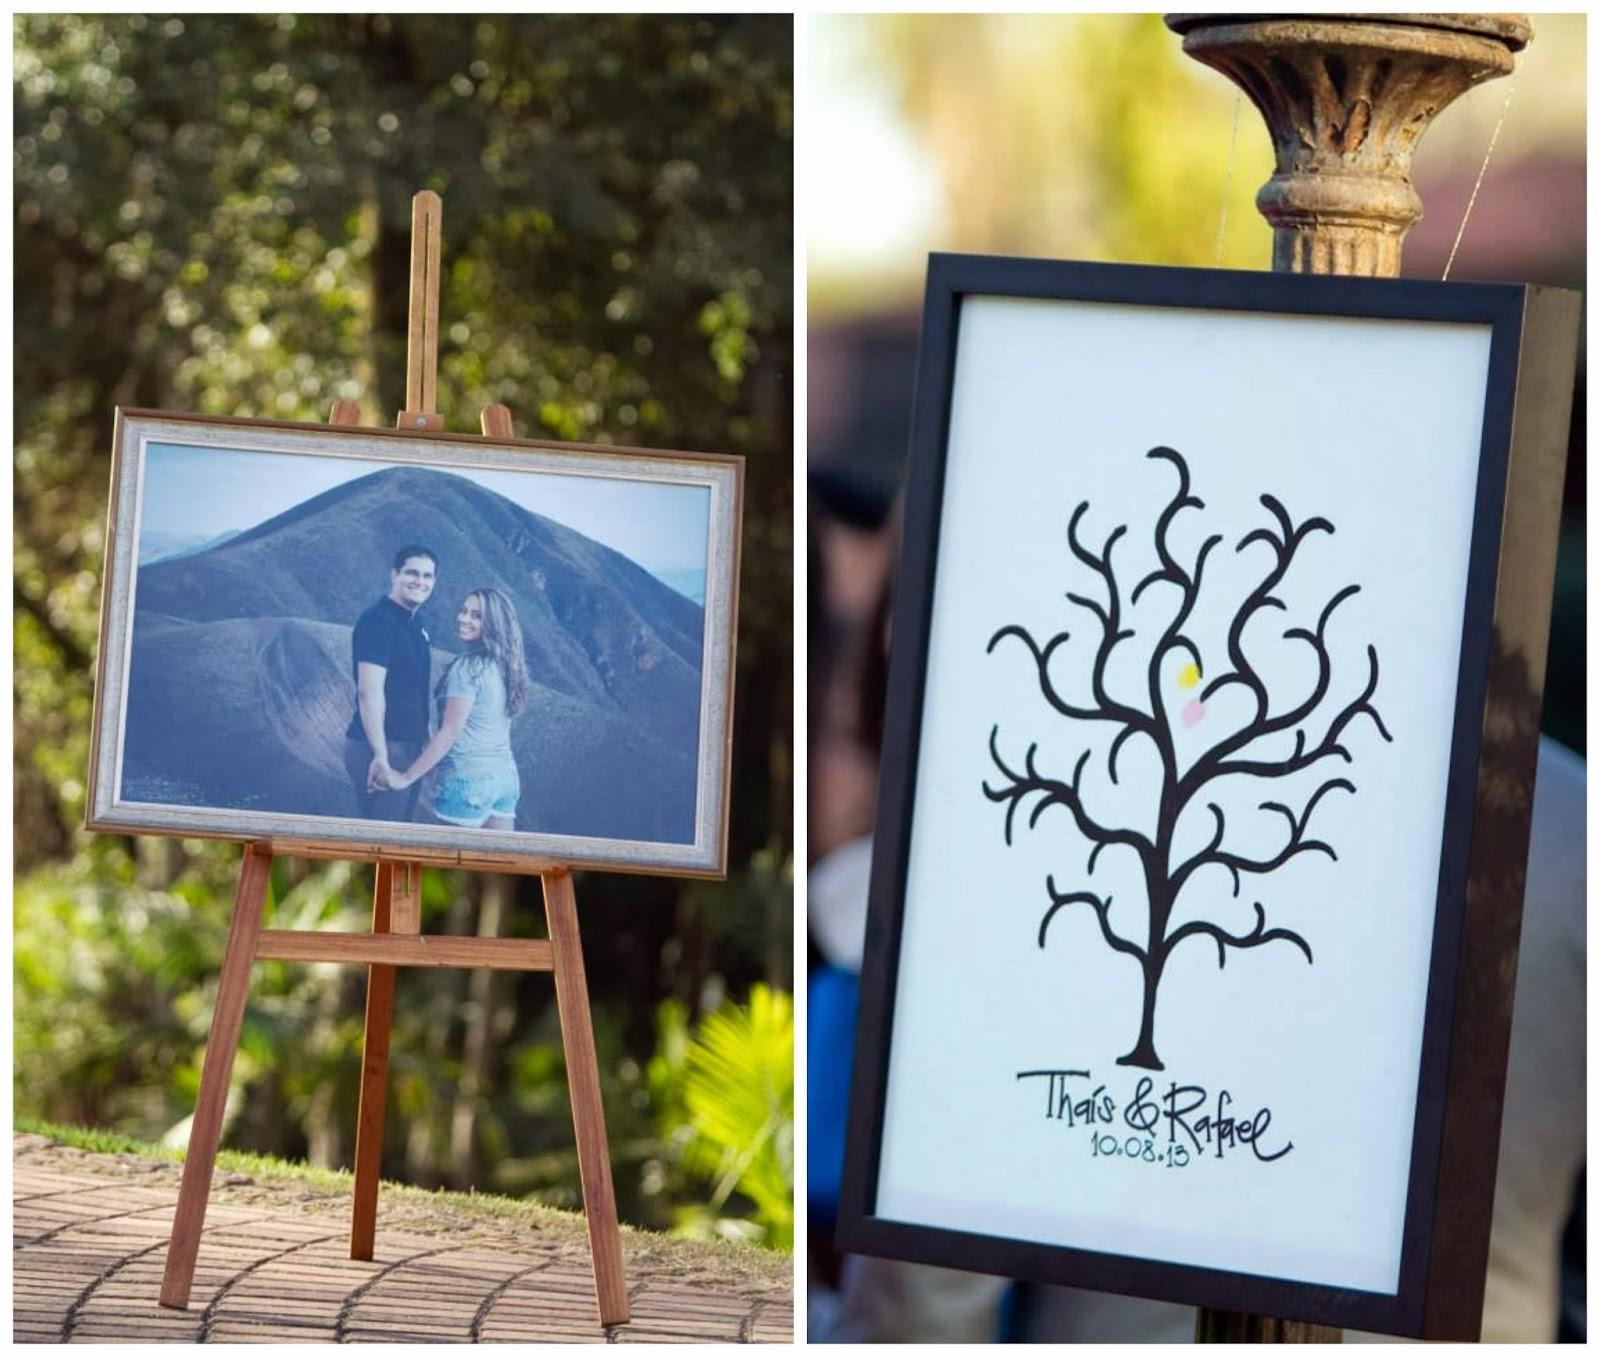 cerimônia - casamento ao ar livre - decoração - casamento de dia - banner dos noivos - árvores de digitais - recado aos noivos